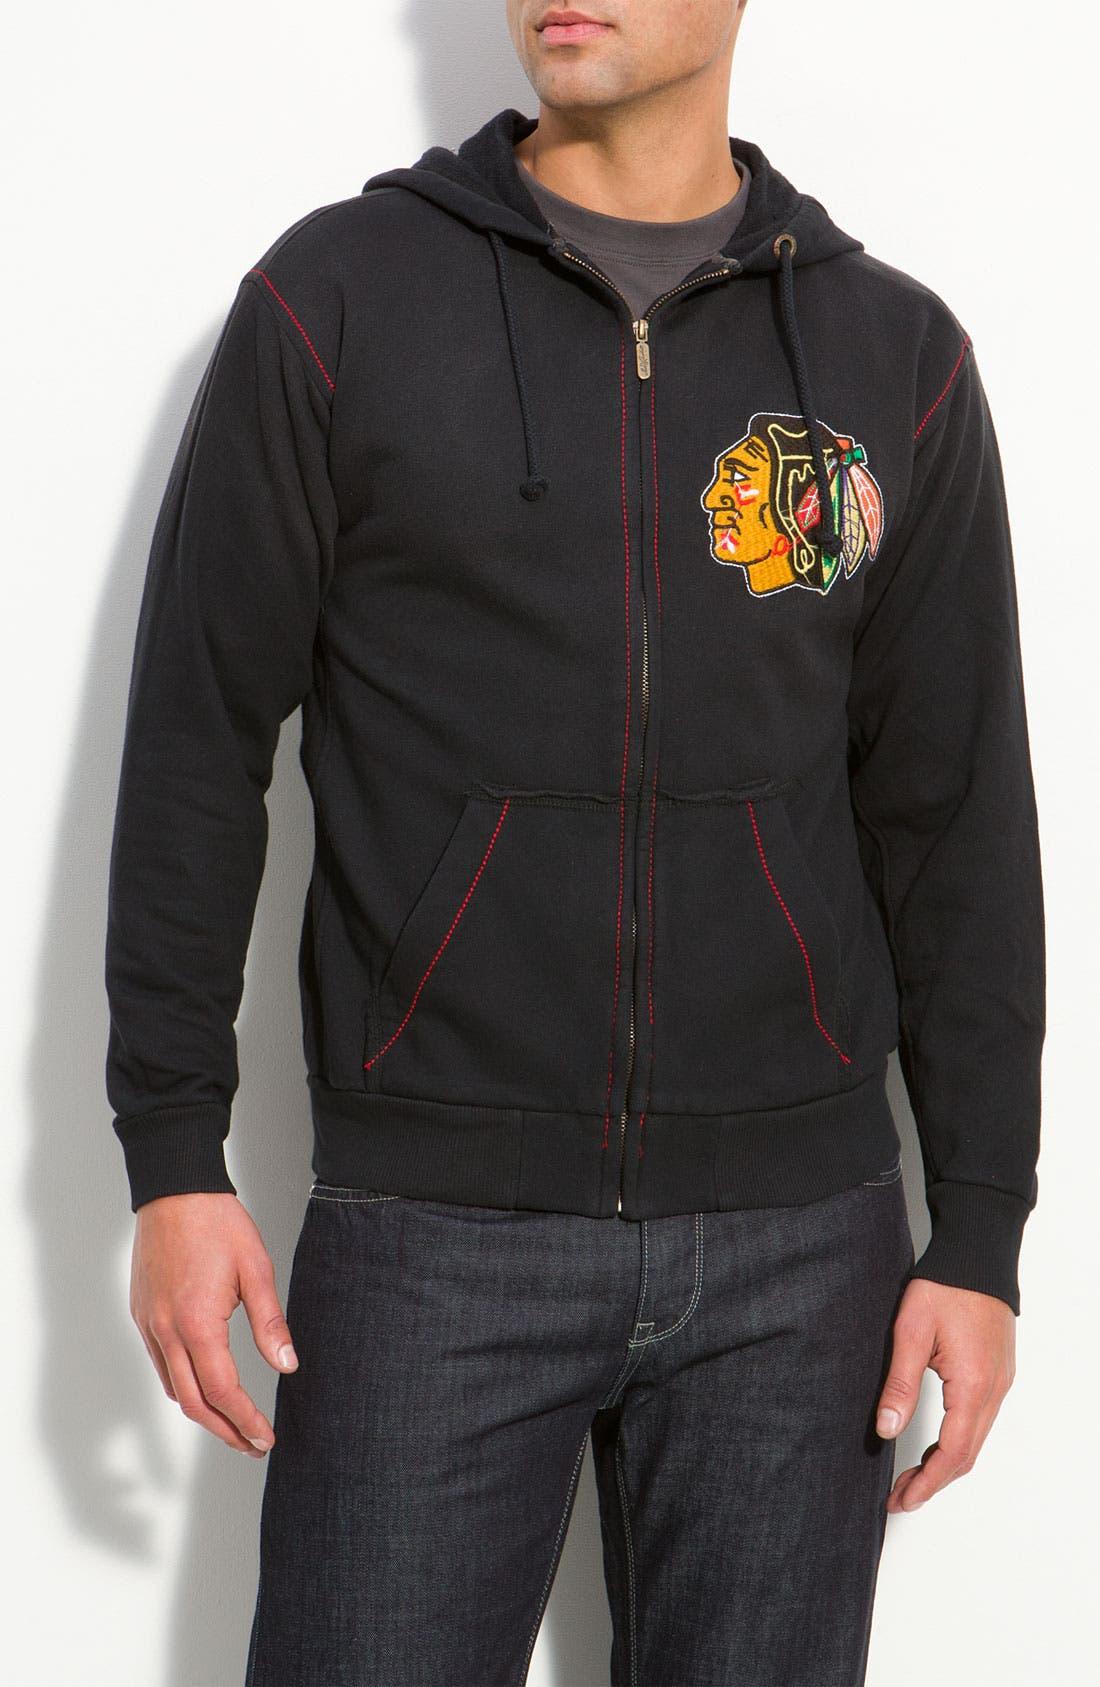 Alternate Image 1 Selected - Red Jacket 'Black Hawks' Hoodie